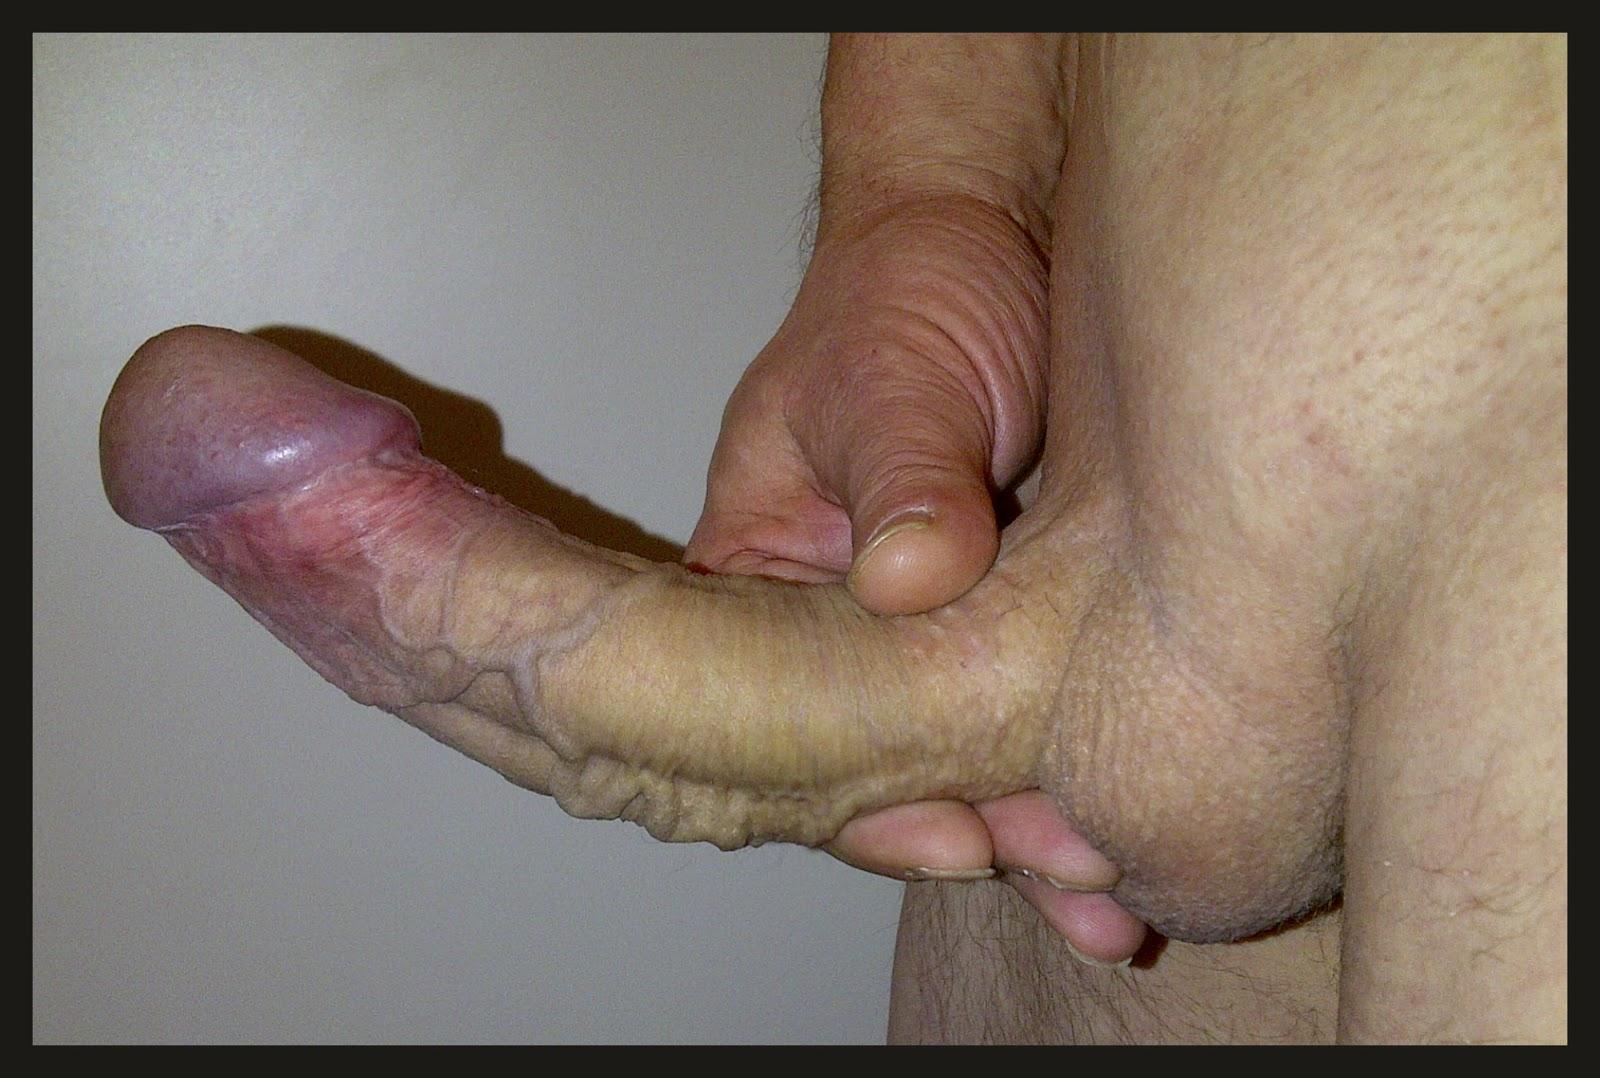 Kromme penis penetratie tits